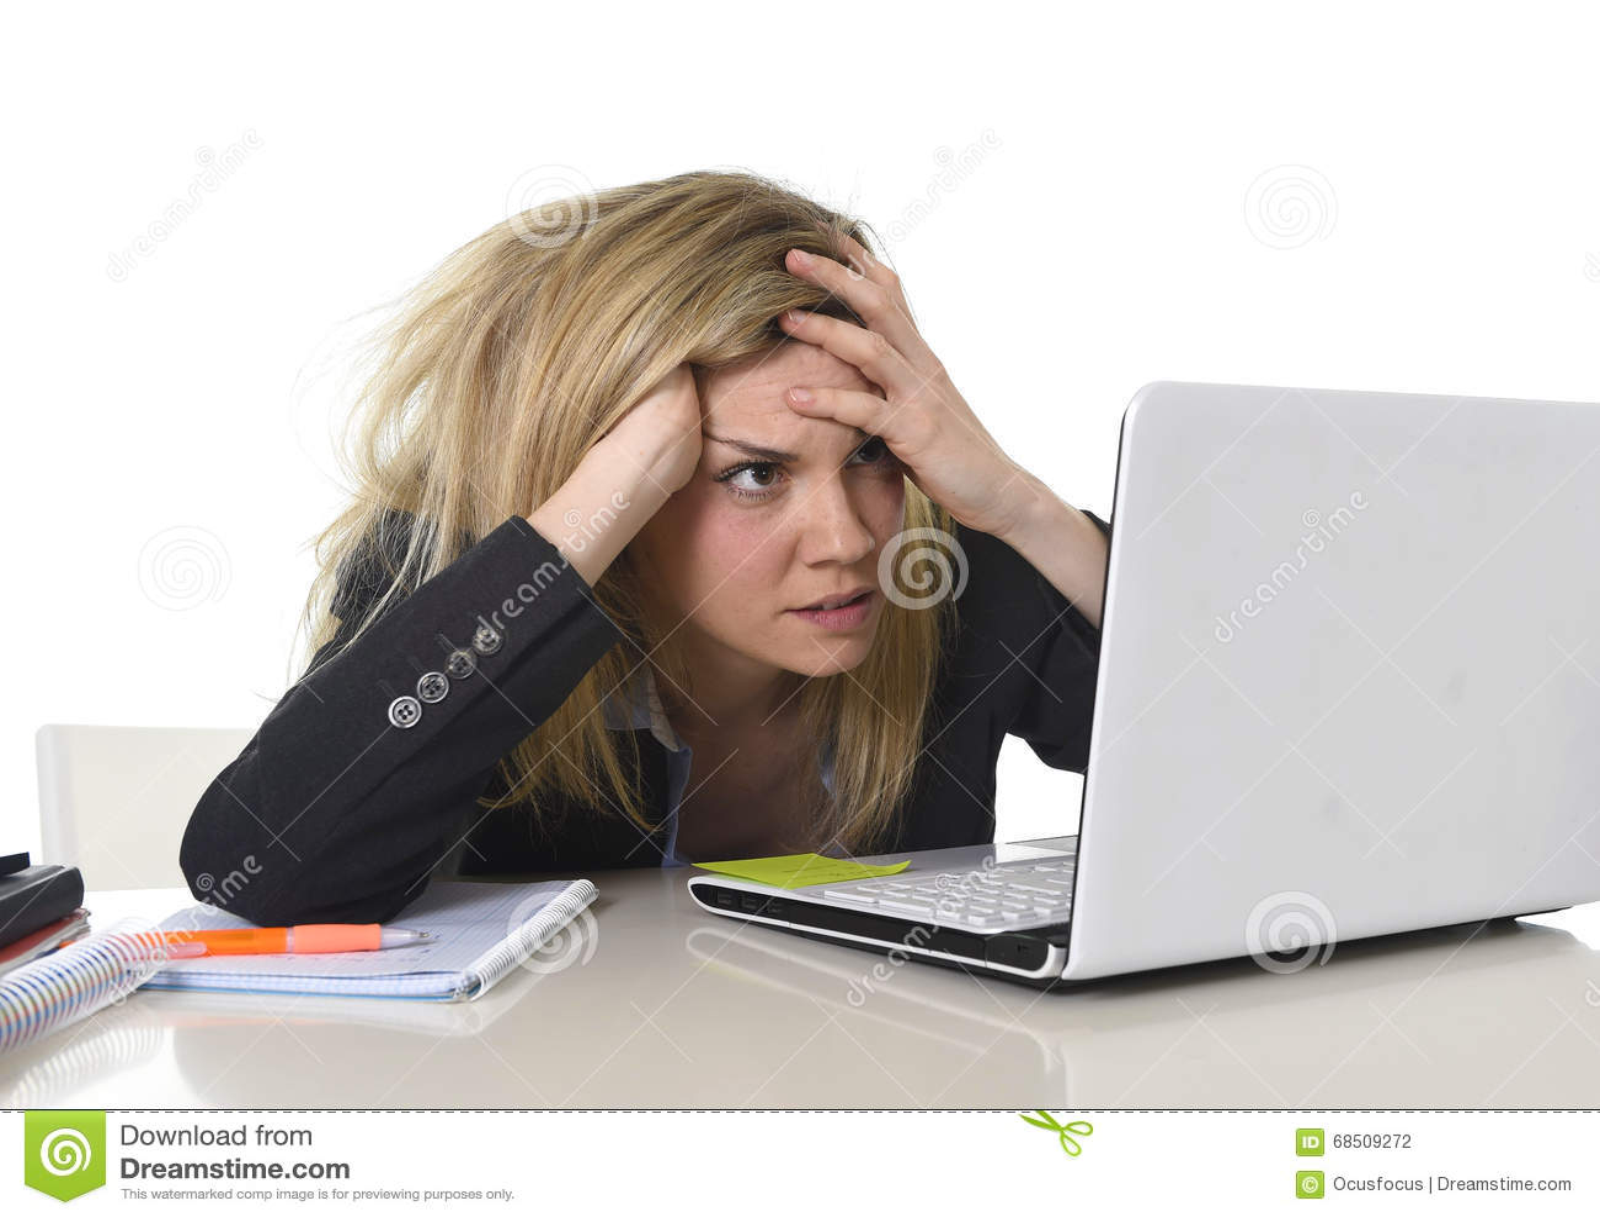 Junger schöner Geschäftsfrau-Leidendruck, der im Büro frustriert und traurig arbeitet